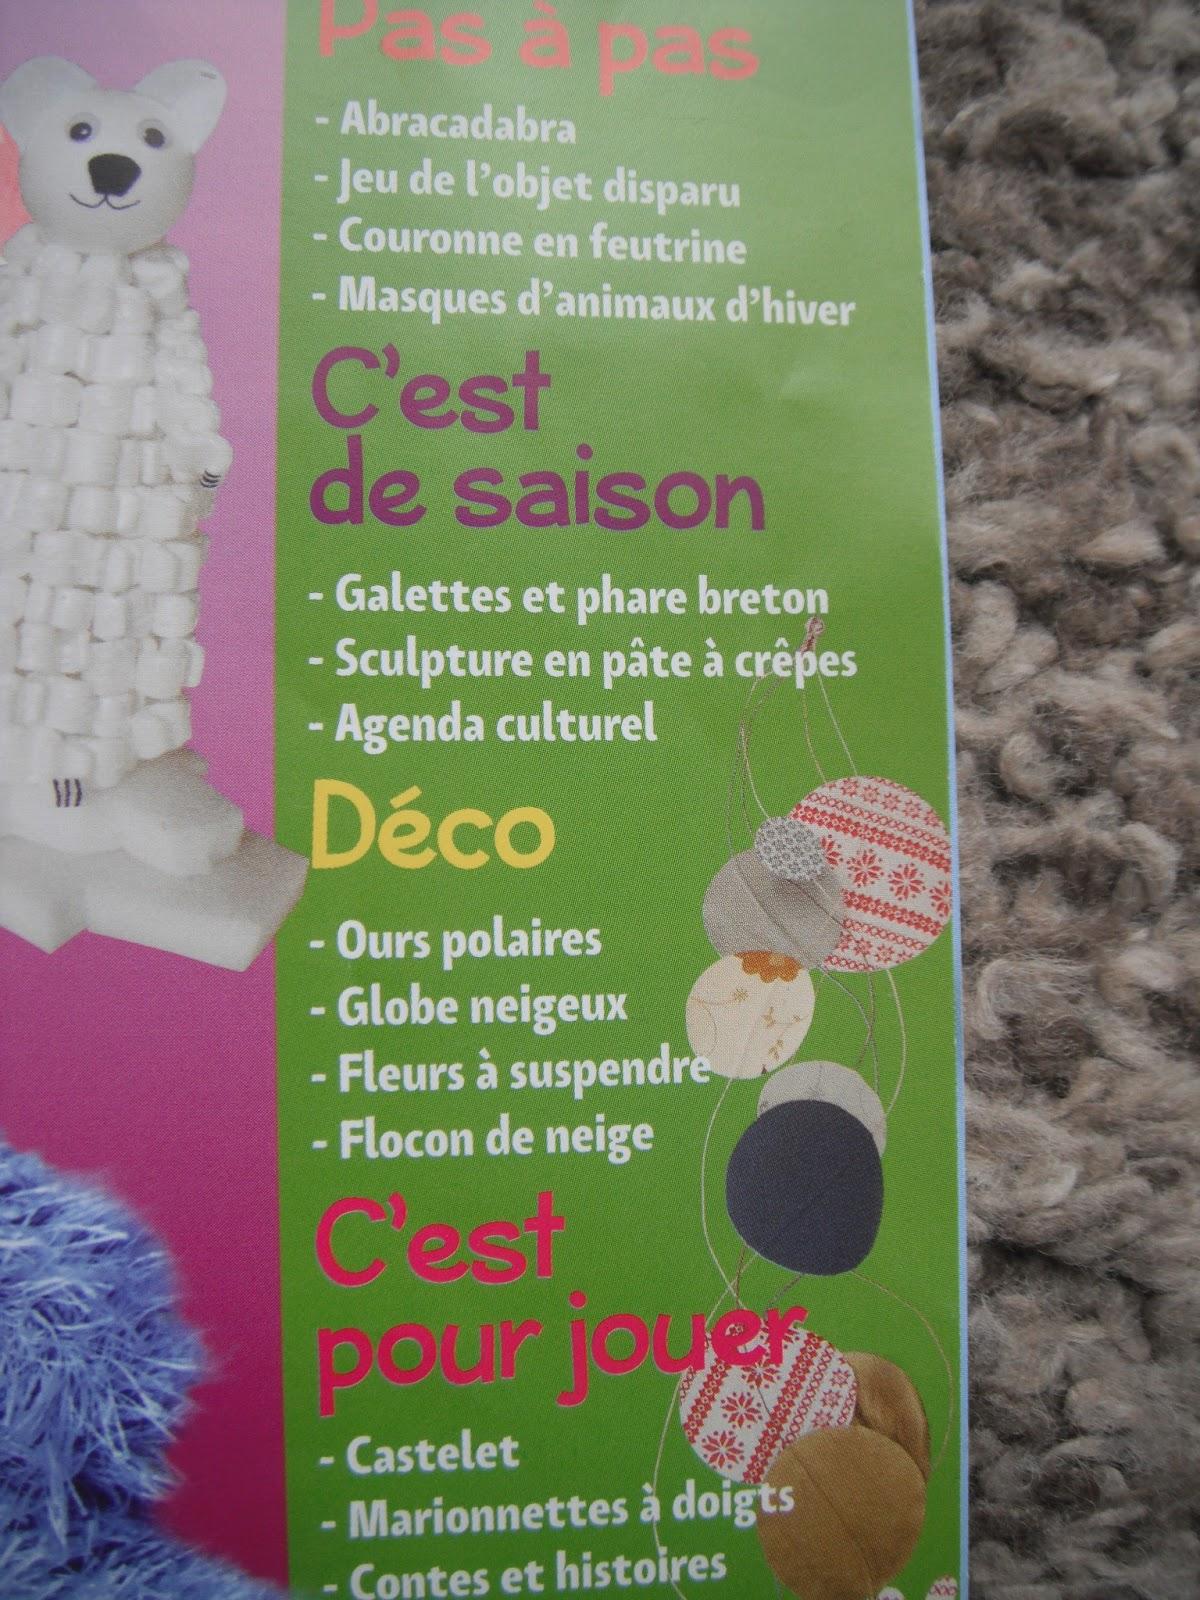 Nounou au pre vert magazine creation et deco pour for Magazine bricolage et decoration